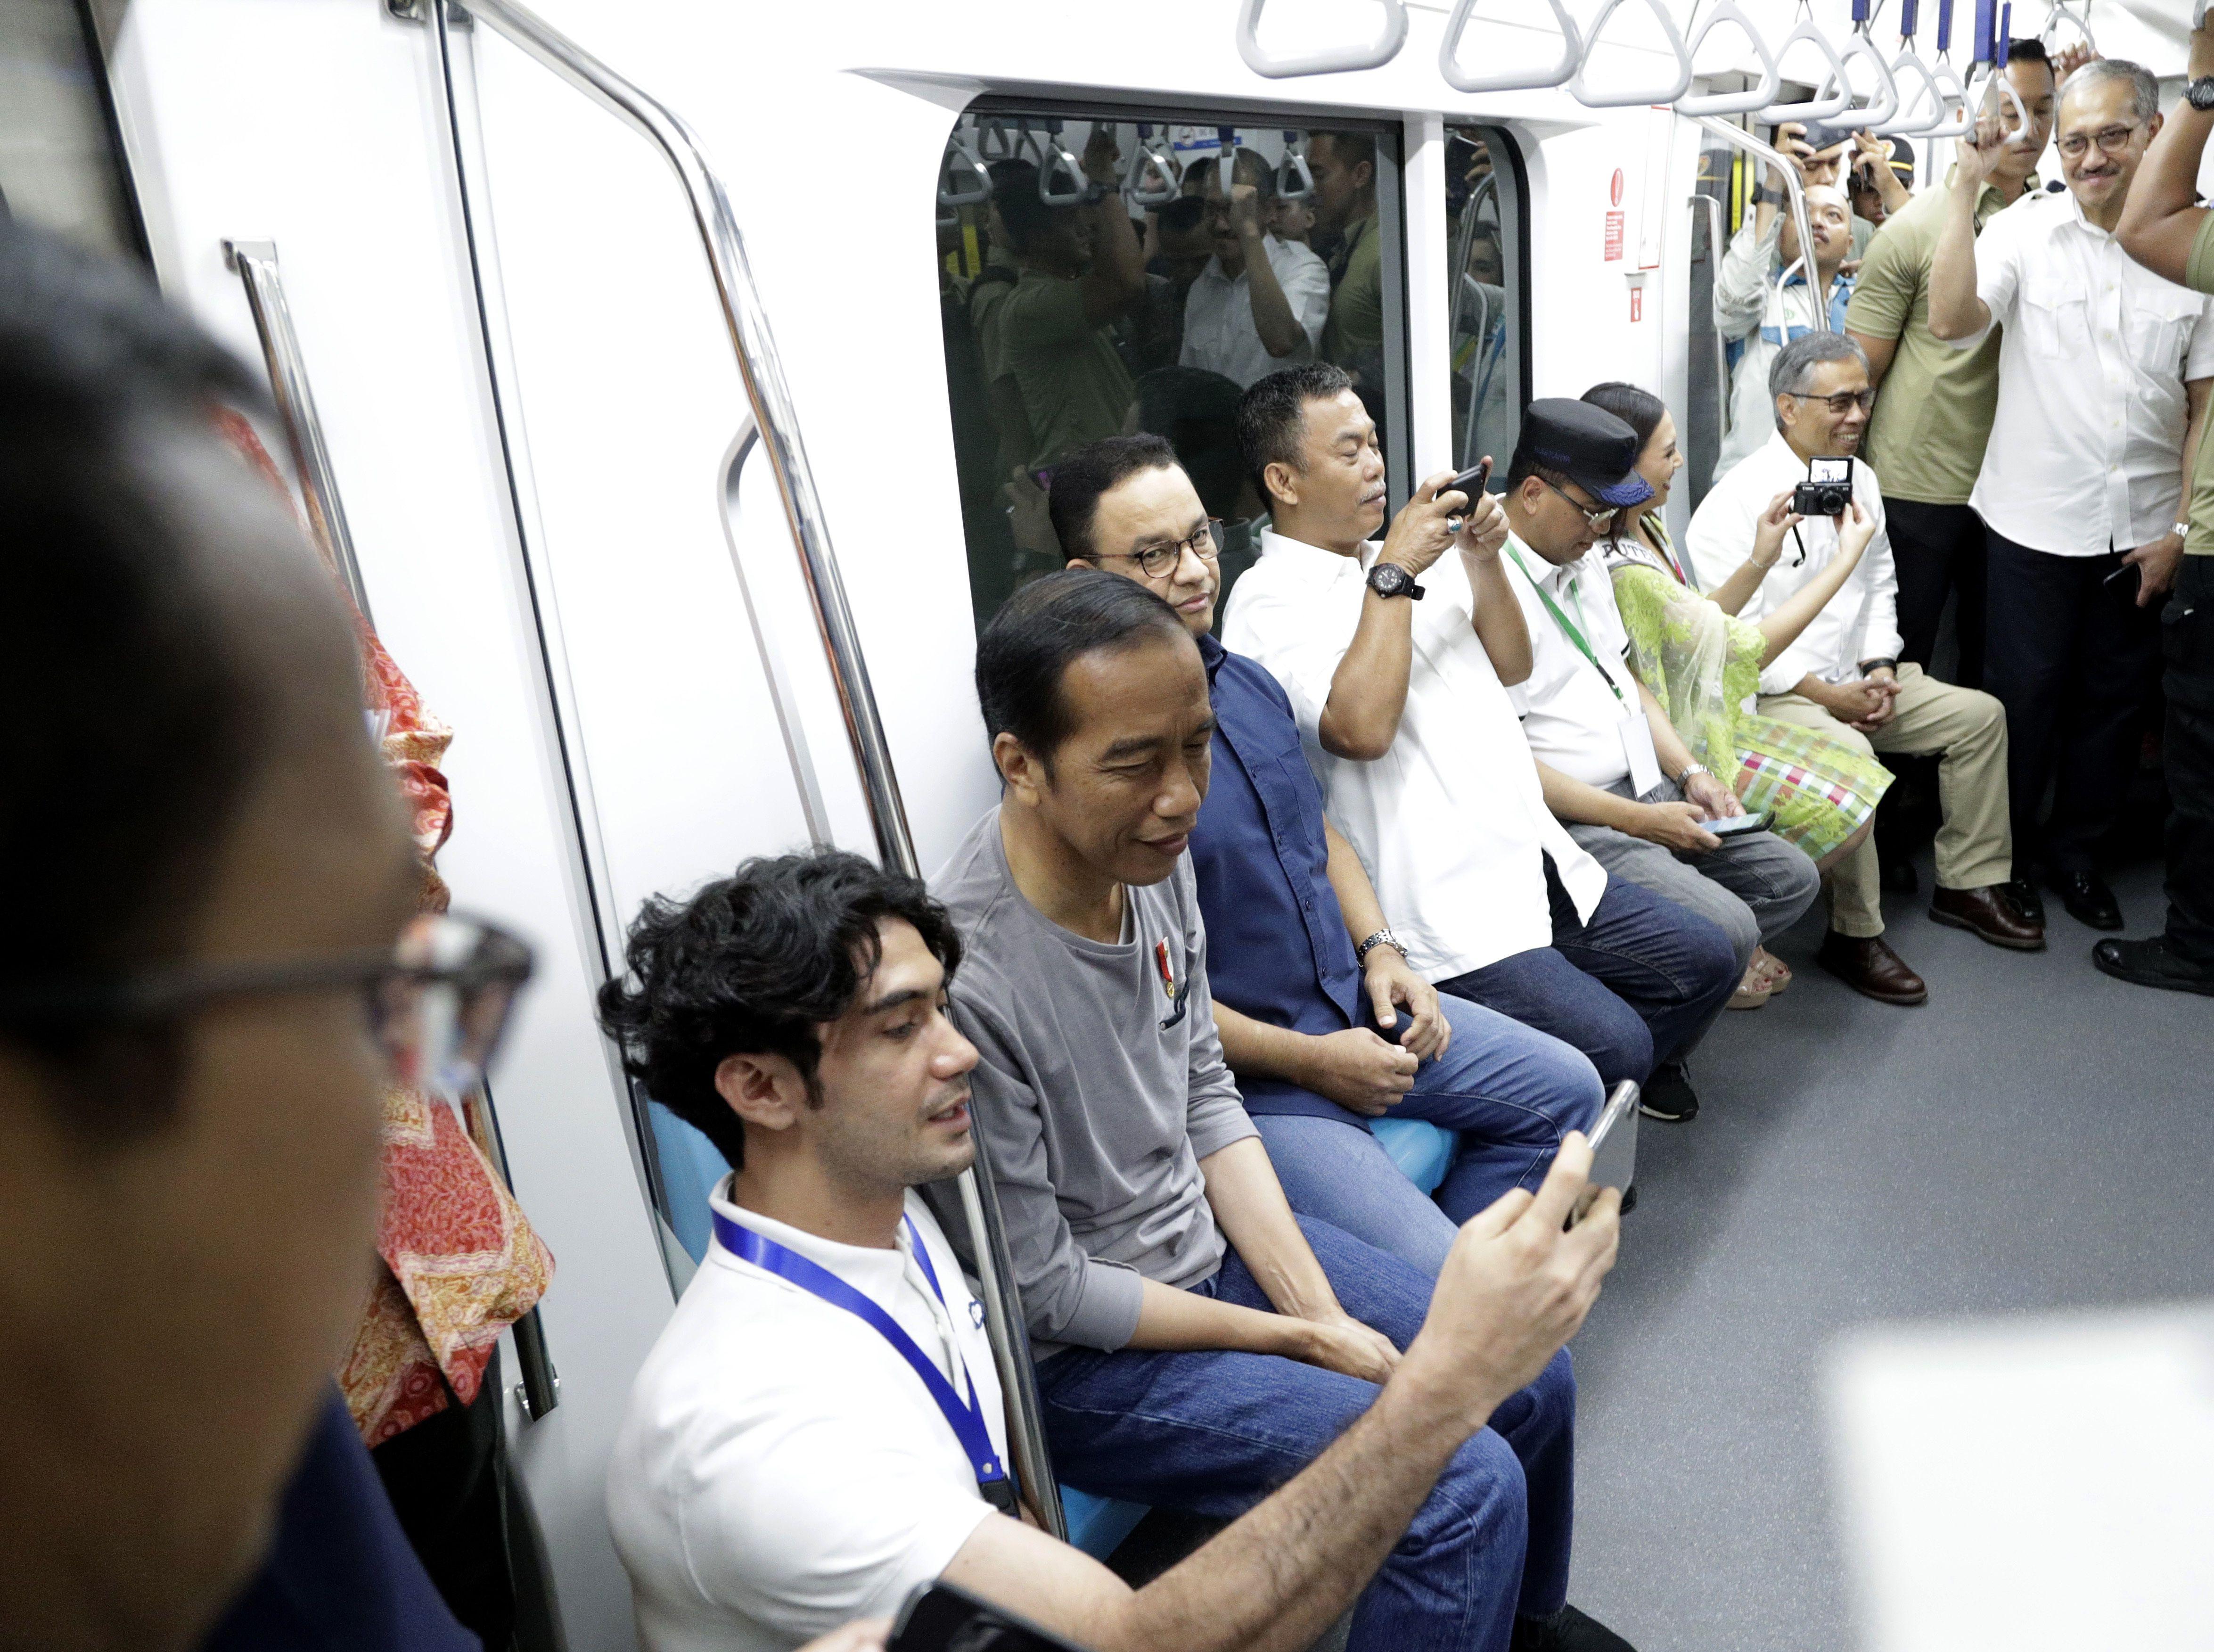 метро, індонезія, джакарта